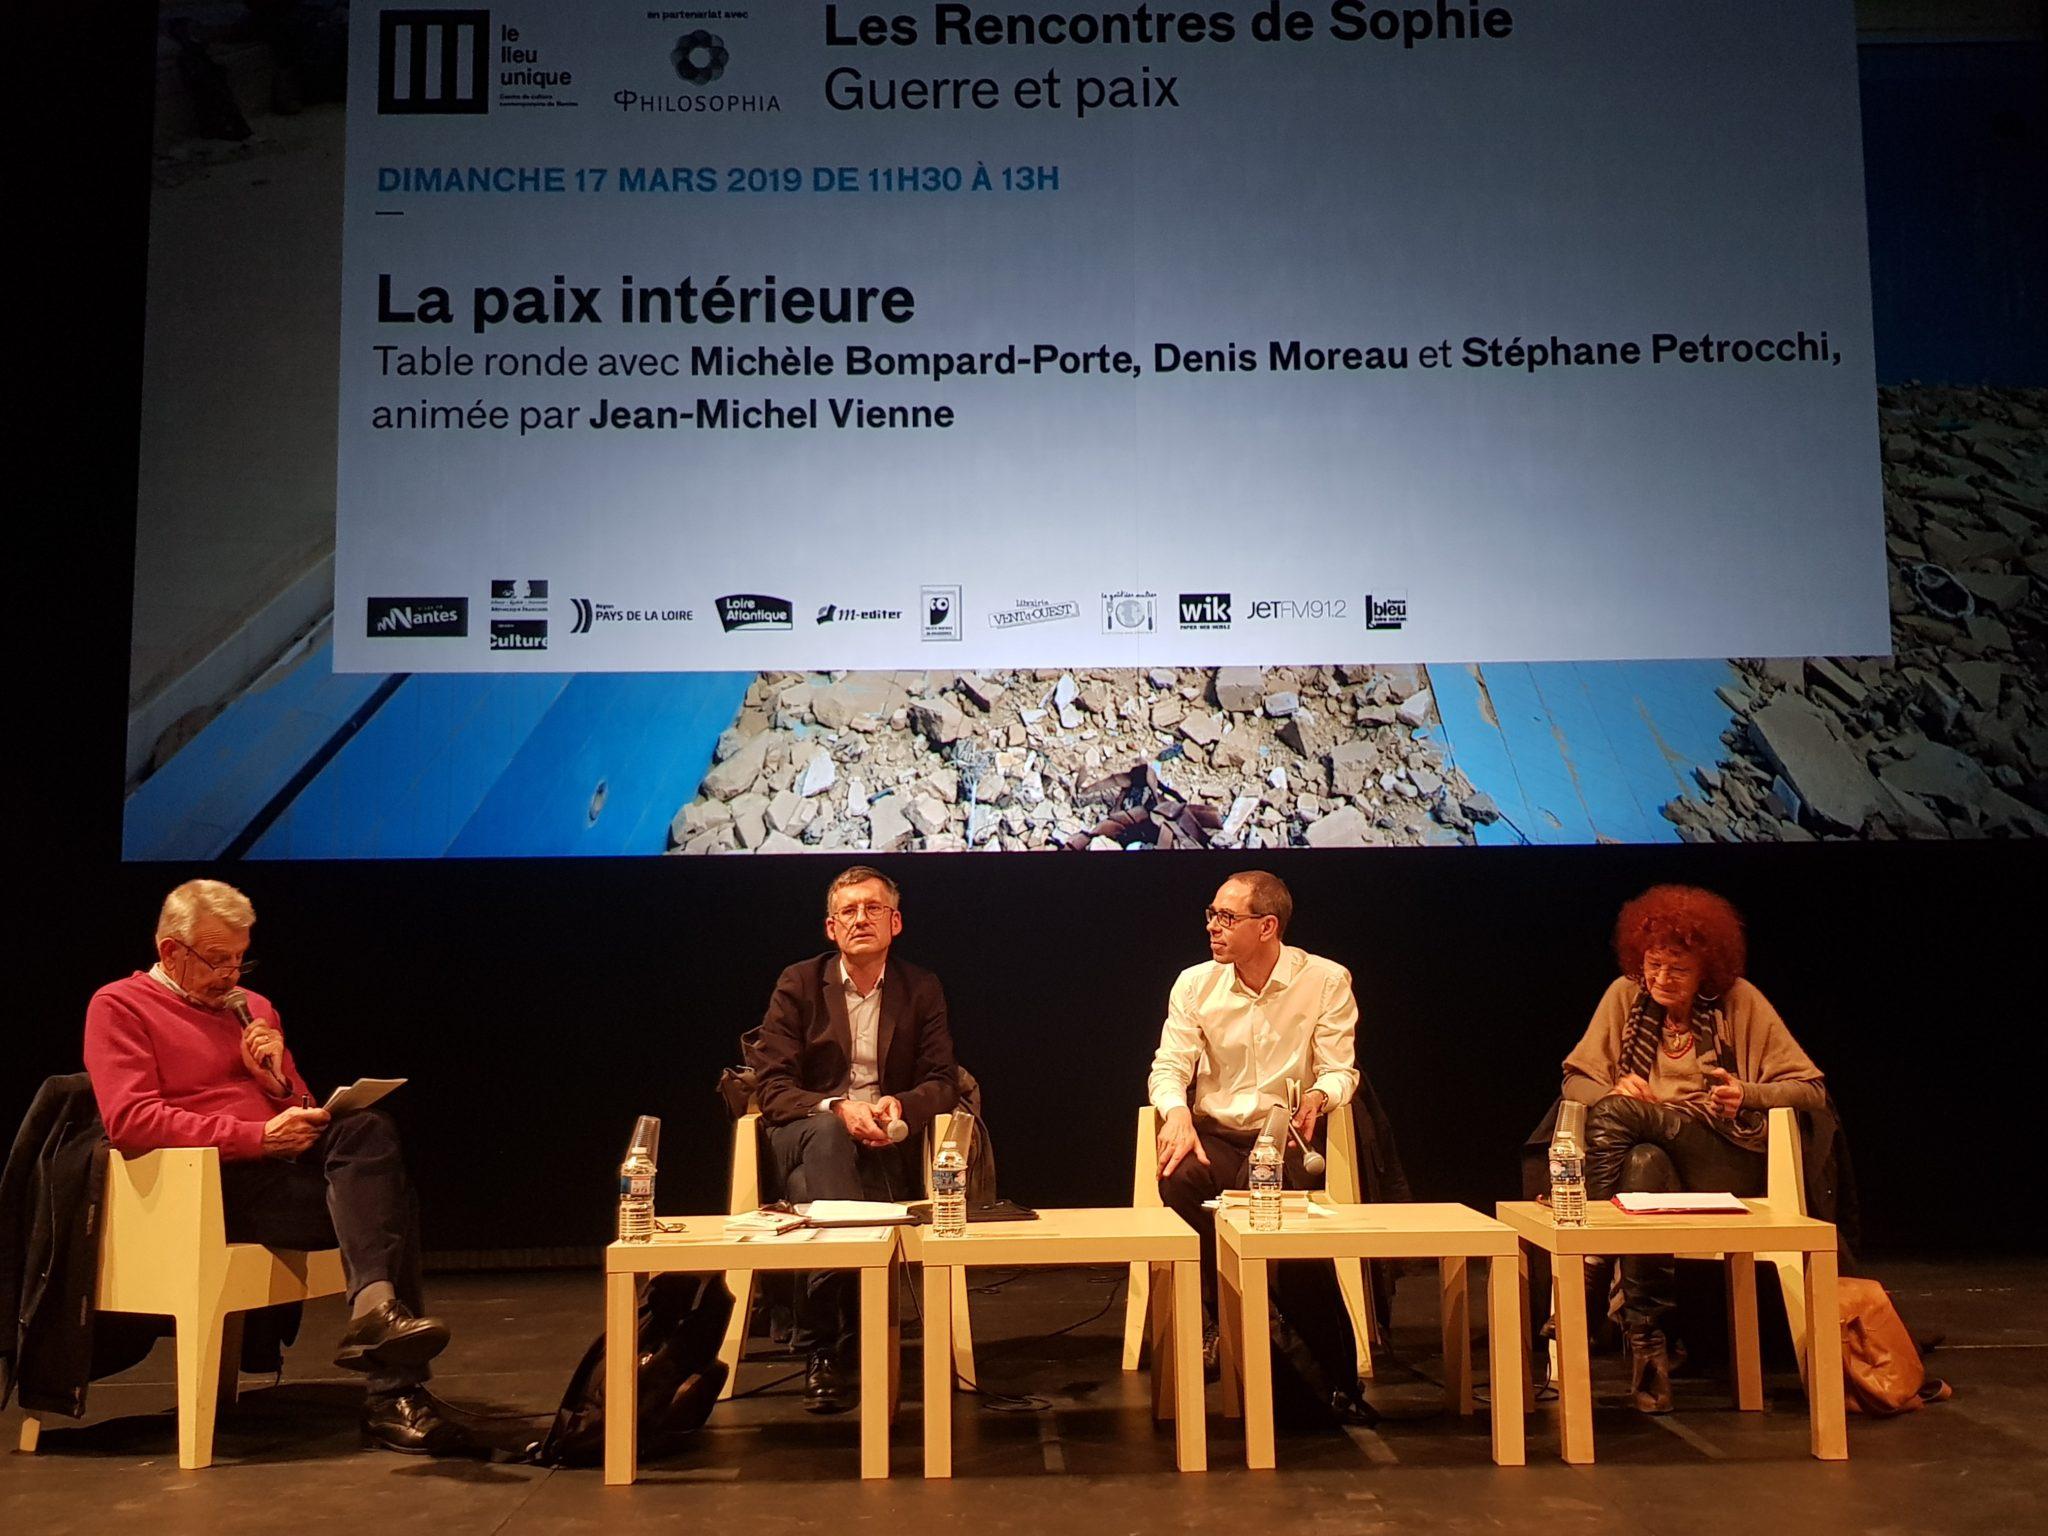 Rencontre sde Sophie Guerre et paix Philosophia Lieu Unique de Nantes Vienne Moreau Petrocchi Bompard-Porte